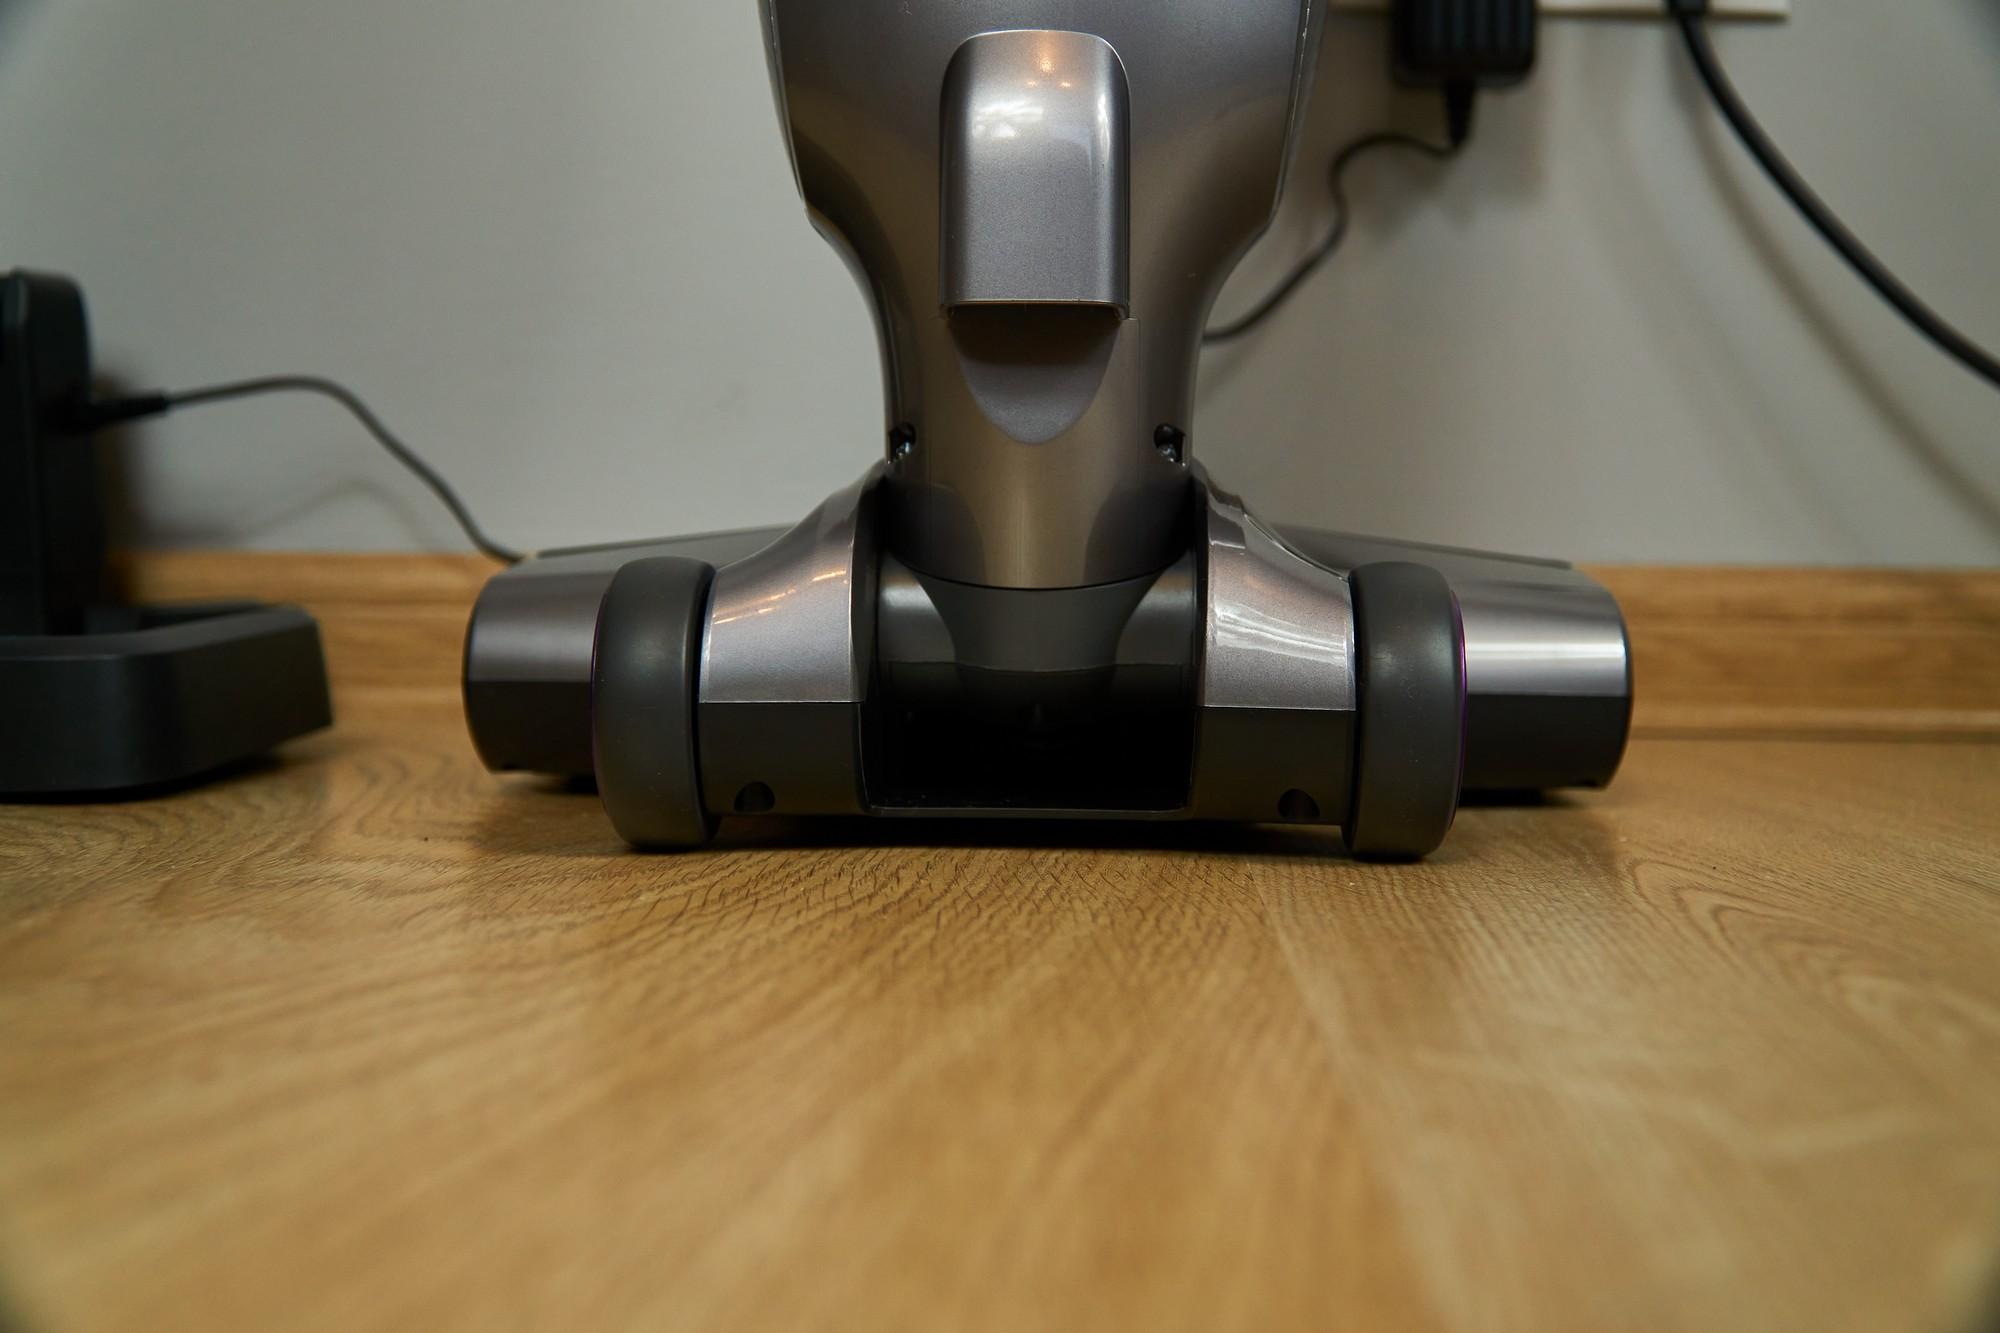 Recenzja JIMMY PowerWash HW8 Pro - odkurzacz sprzątający na mokro